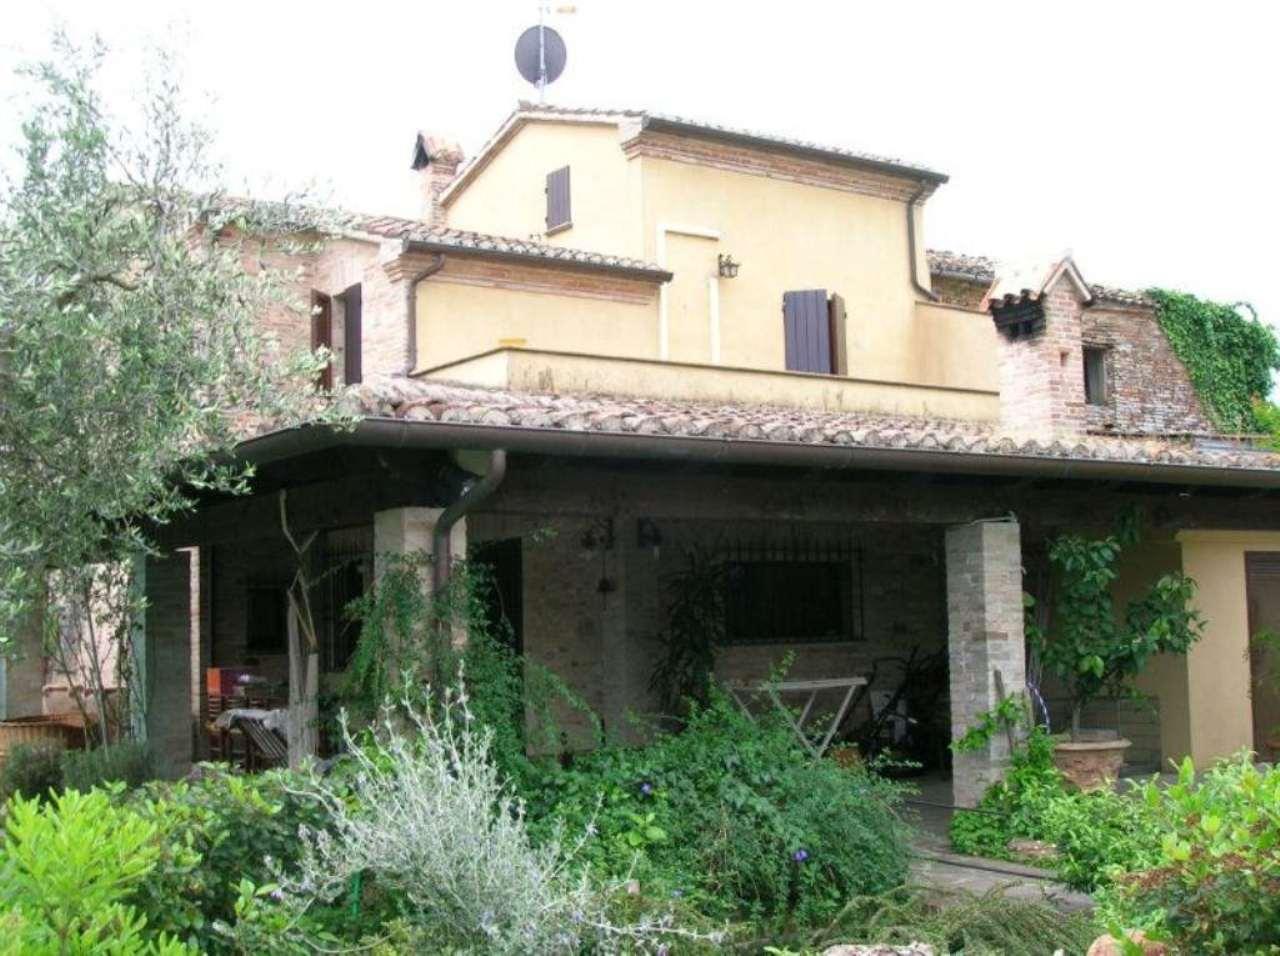 Villa a Schiera in vendita a Saludecio, 7 locali, prezzo € 690.000 | Cambio Casa.it